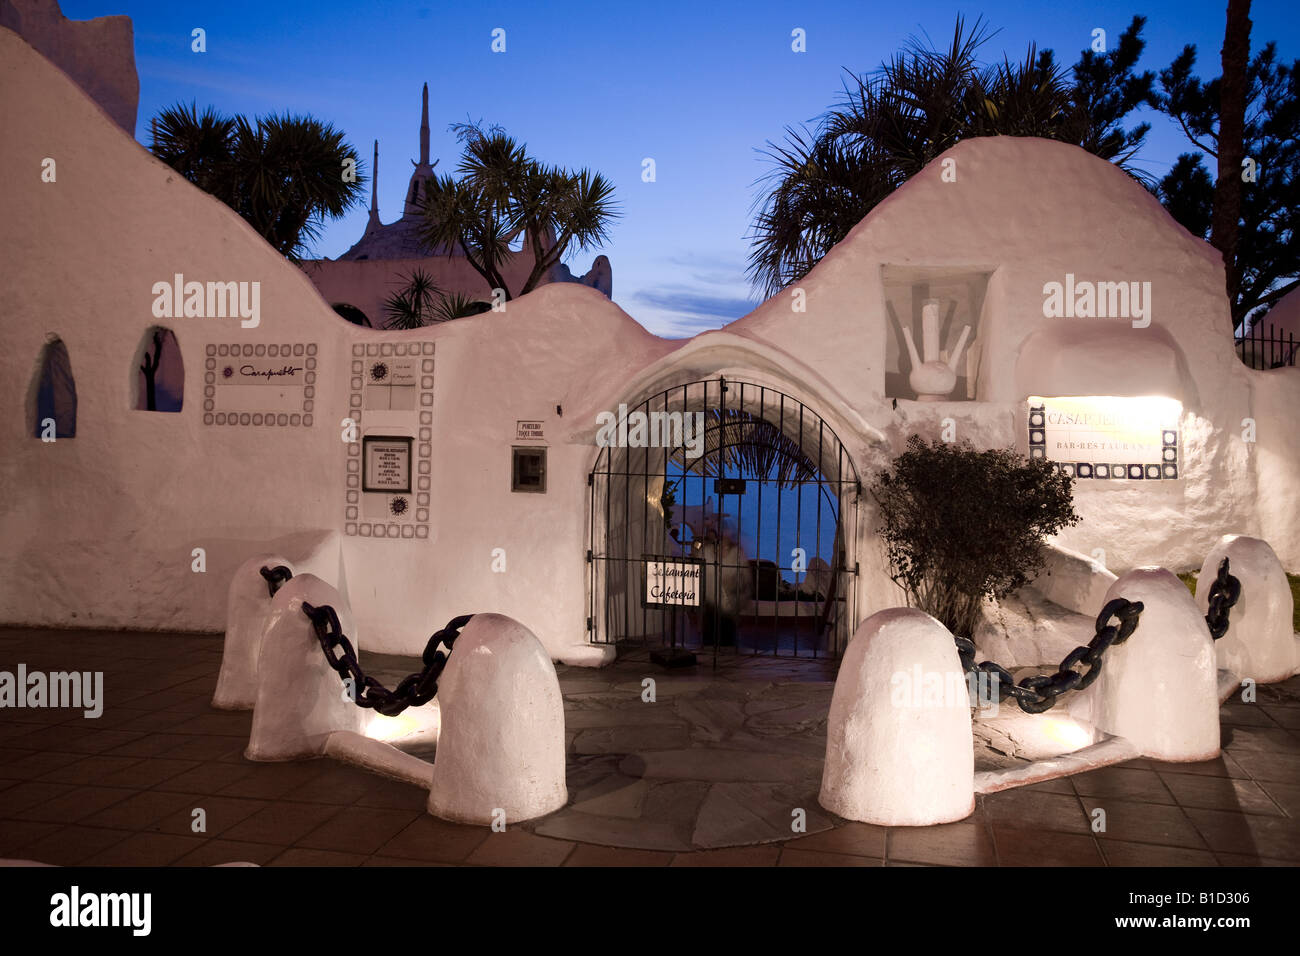 Nightshot of the entrance to hotel, restaurant and museum Casapueblo, Punta Ballena, Punta del Este, Uruguay - Stock Image